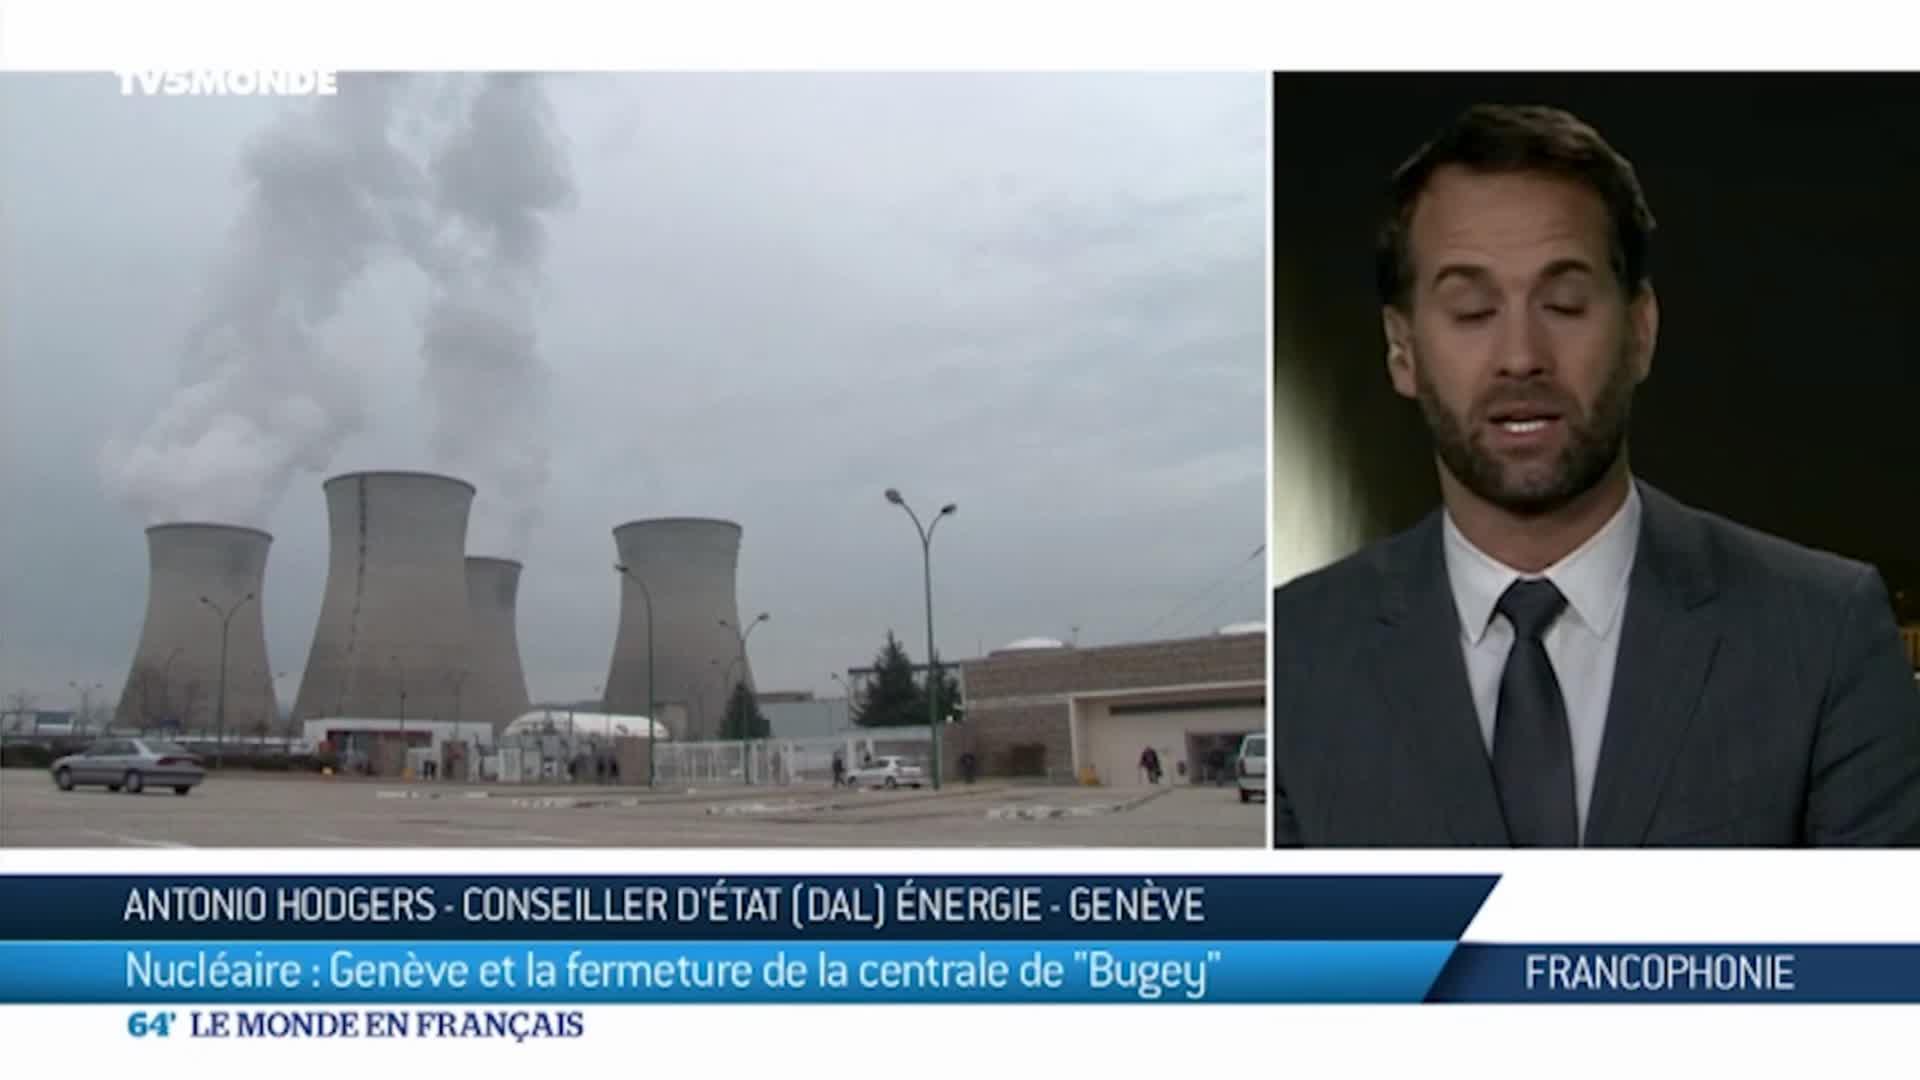 La centrale de Bugey menace-t-elle la Suisse ?